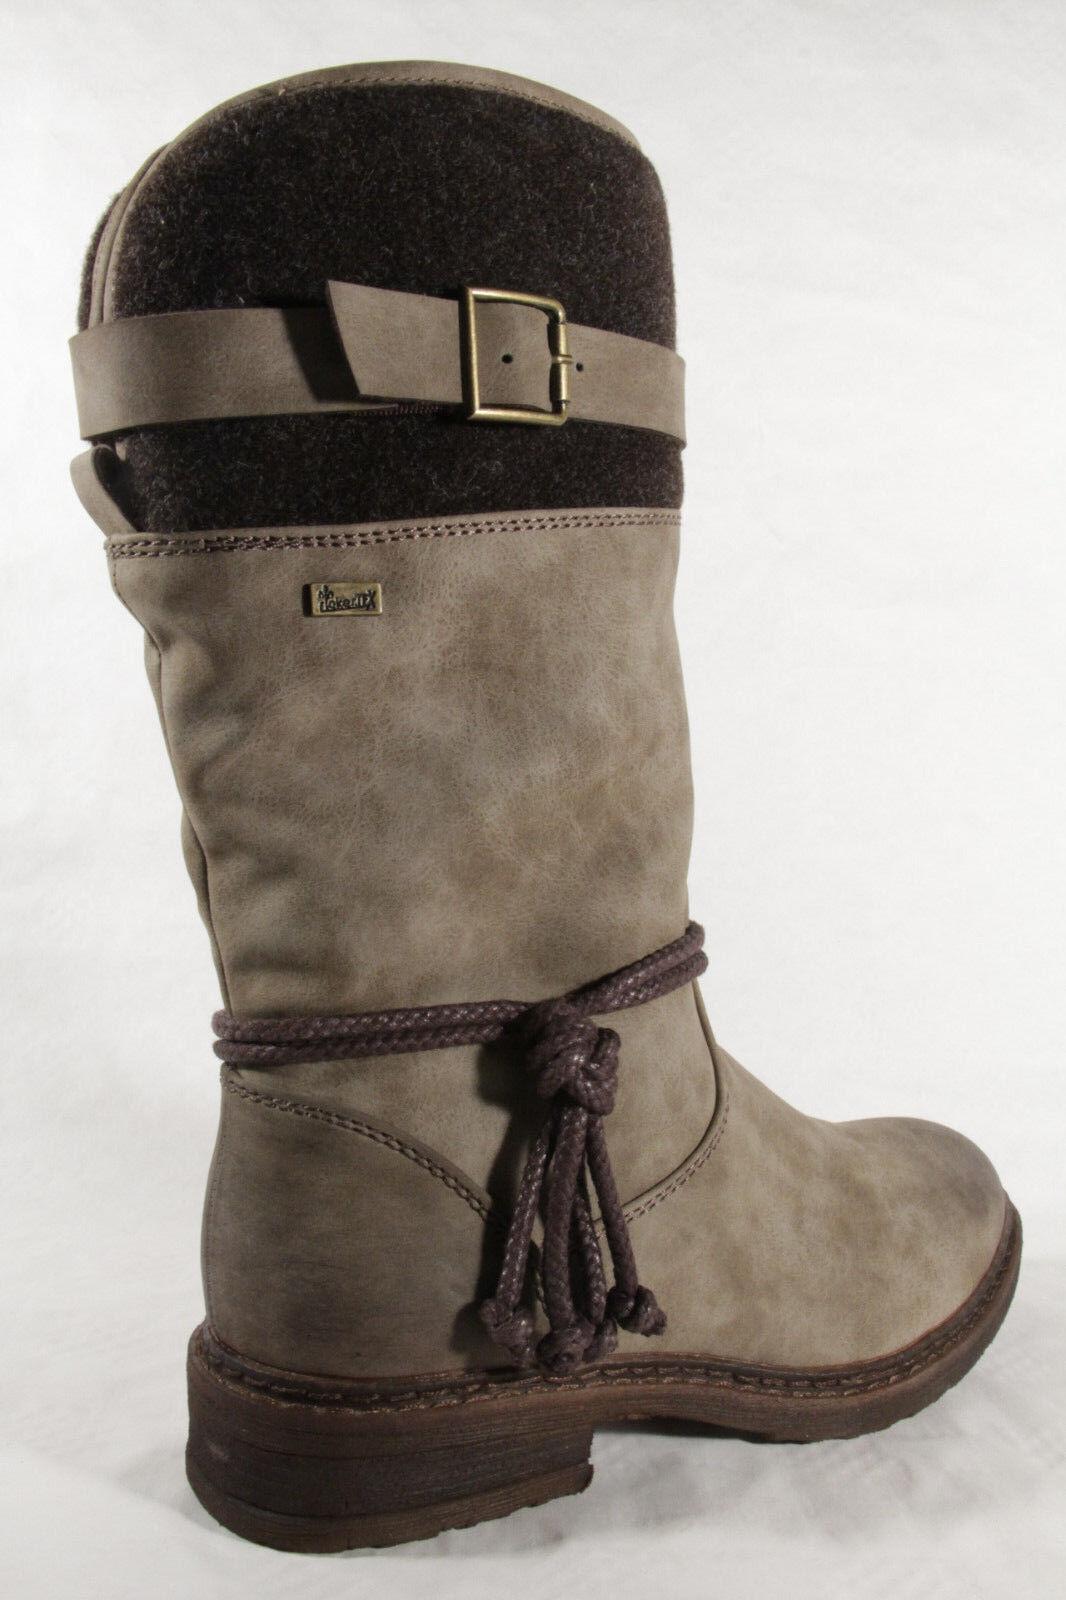 hot sale online d72bc aeea2 Rieker Stiefel Stiefelette Boots Winterstiefel TEX braun 94778 wasserdicht  NEU!